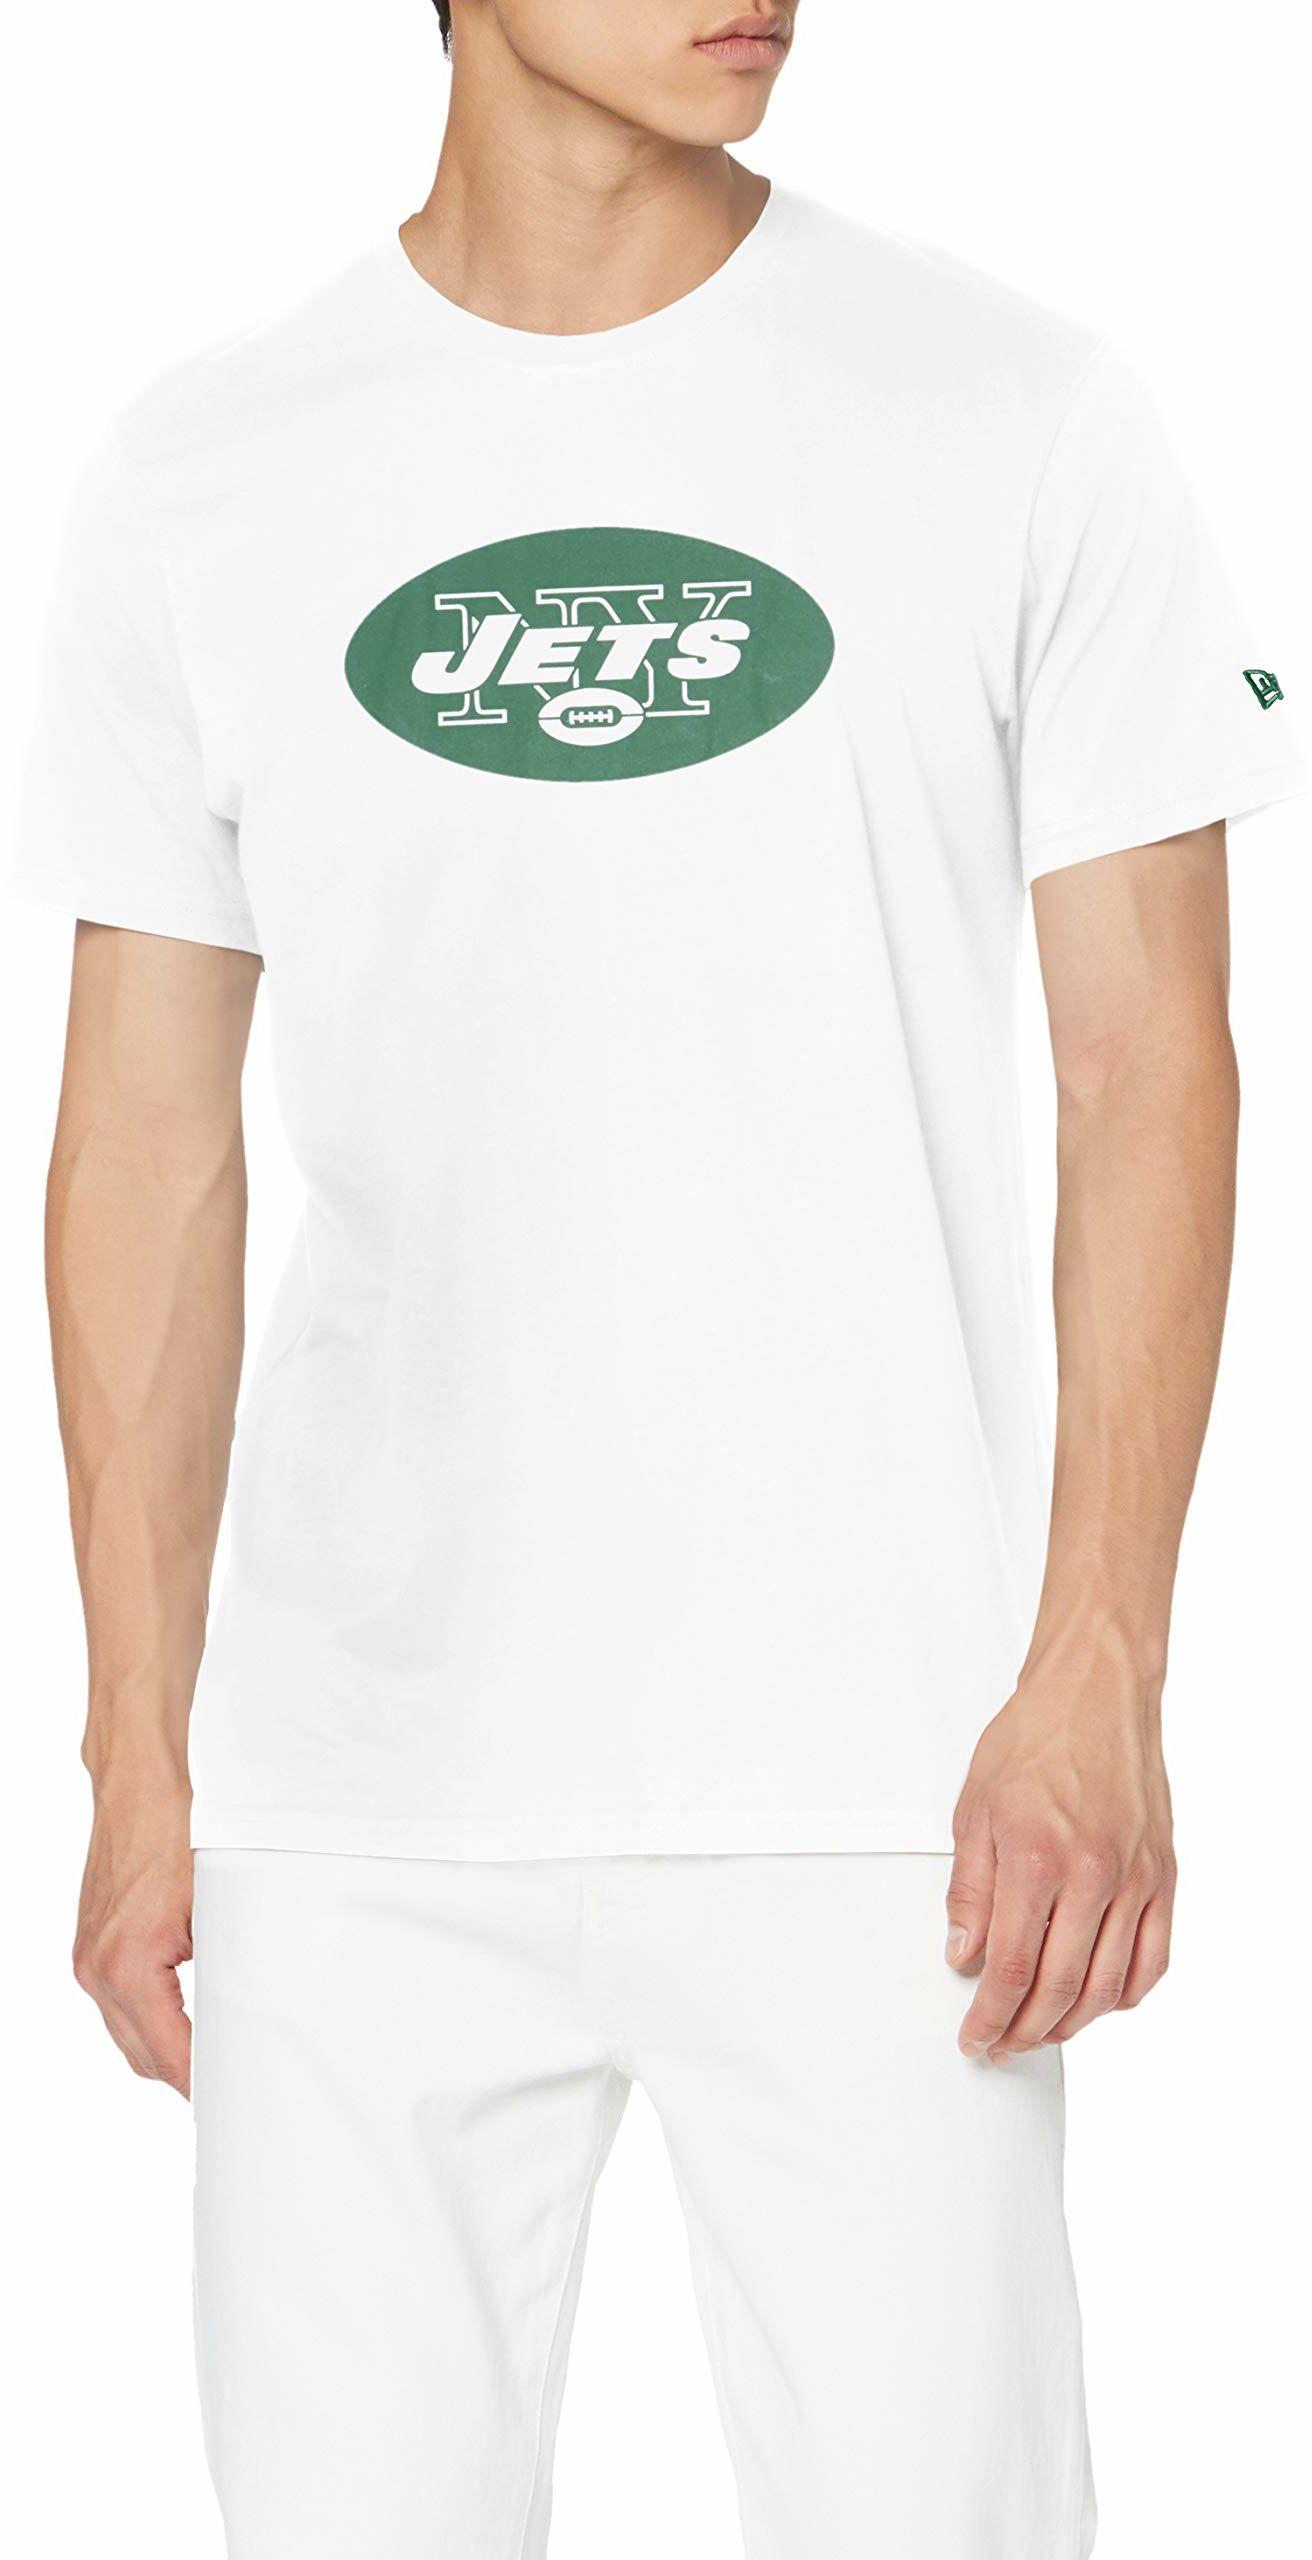 adidas męska koszulka New York Jets, biała, 3XL